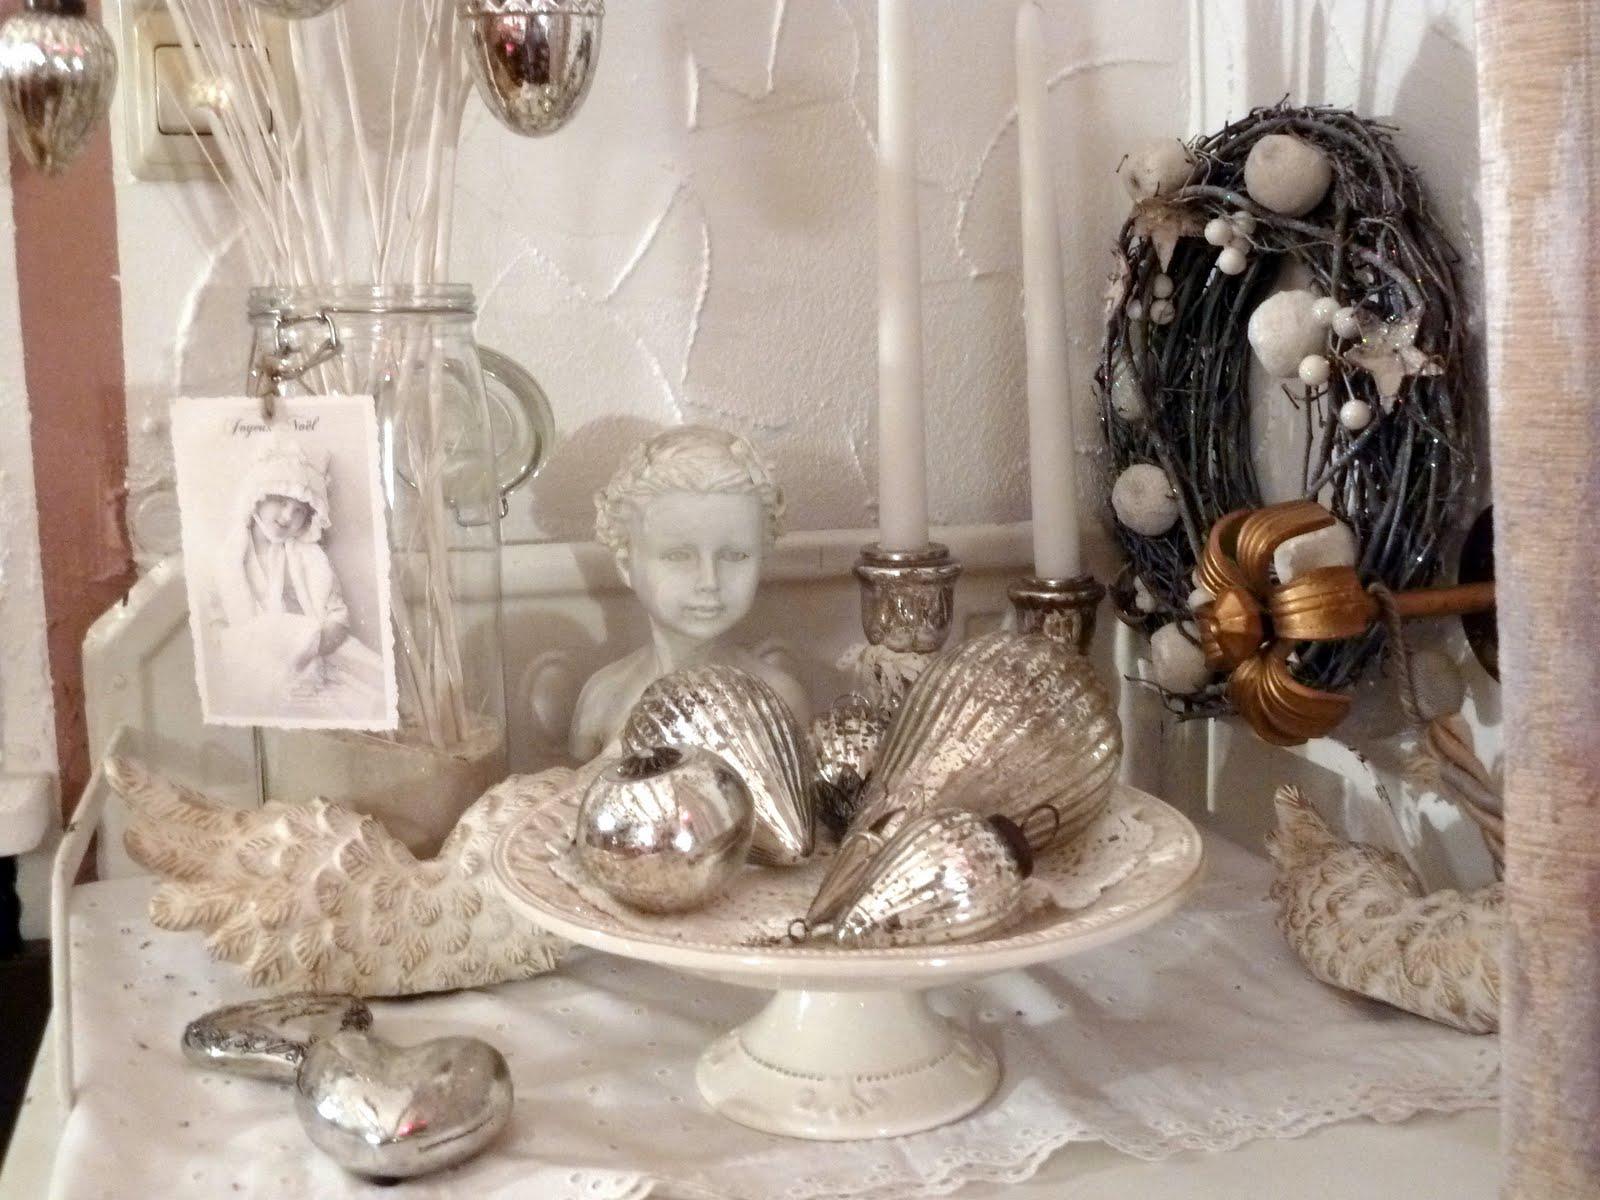 zwergenwelt weihnachtsdekoration und erste geschenke. Black Bedroom Furniture Sets. Home Design Ideas